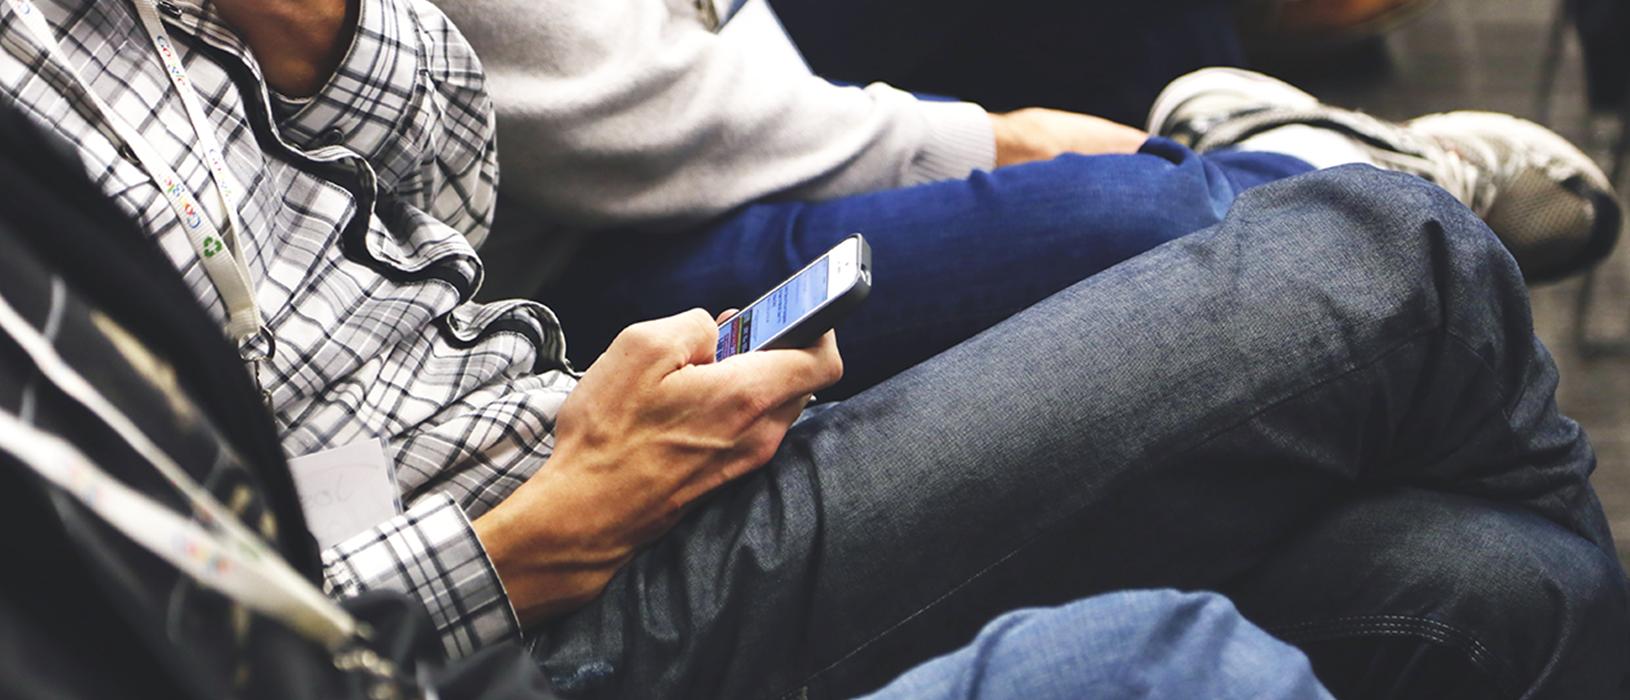 Durch WLAN-Marketing lassen sich Angebote geschickt direkt auf dem Smartphone des Kunden platzieren. Foto: Pixabay